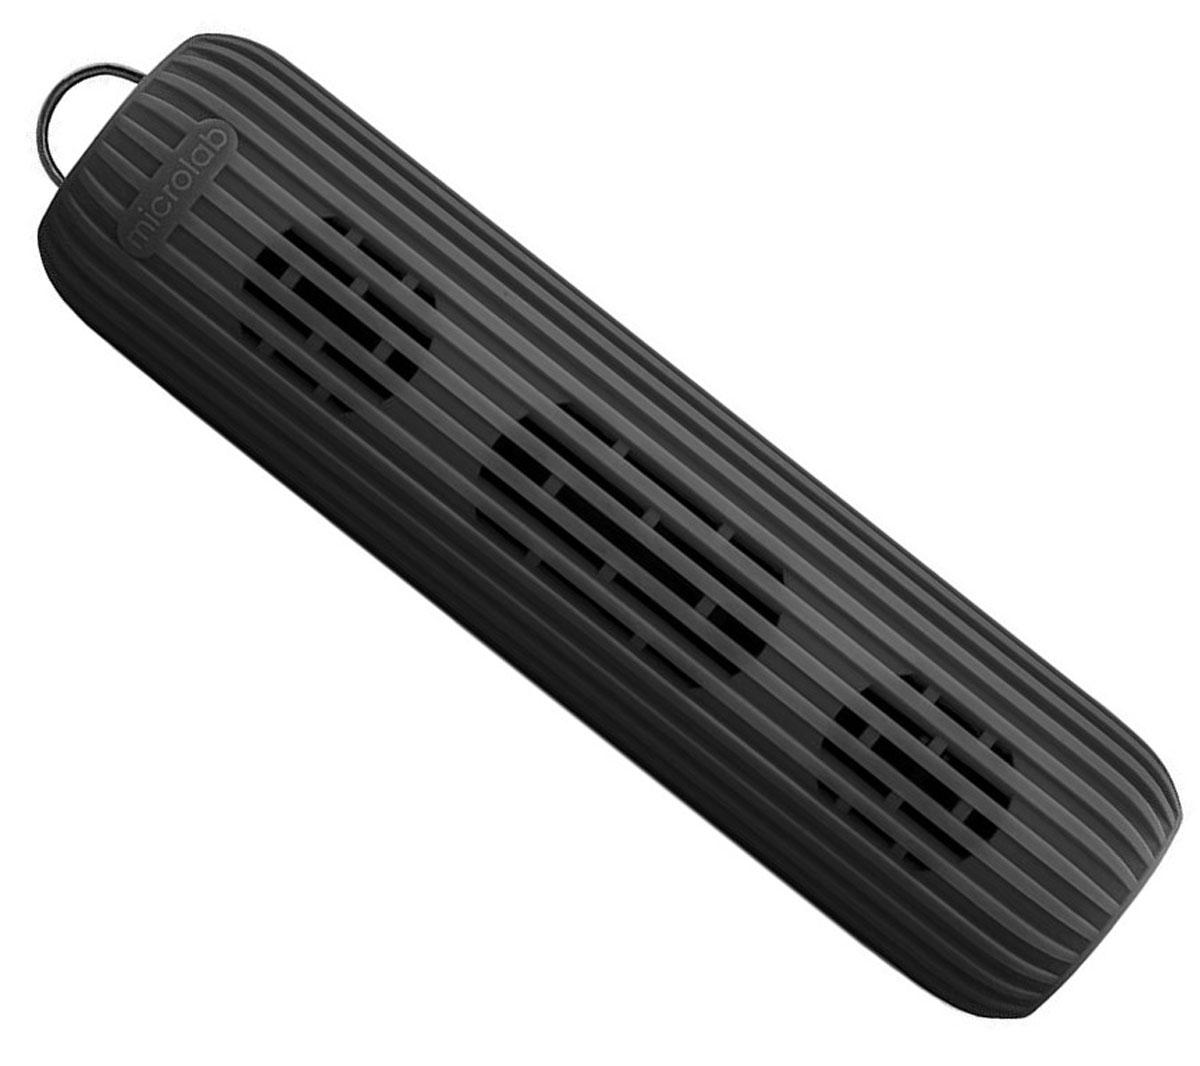 Microlab D21, Black портативная акустическая система80527Акустическая система необычной формы и дизайна ориентирована на людей, ведущих активный образ жизни. D21 способна стать прекрасным спутником как на небольшом пикнике на природе, так и в долгом походе. Благодаря силиконовому покрытию корпуса, сателлит прощает слушателю небольшие ударные воздействия, а также прекрасно переносит как росу, так и небольшой дождик, что наряду с пылью, может стать фатальным для других портативных акустических систем. Небольшие размеры обеспечивают портативность системы, она не занимает много места и поместится в любом рюкзаке или сумке, а идущий в комплекте шнурок способен закрепить сателлит в походном варианте, позволяя избежать потери колонки. В Bluetooth-режиме при входящем звонке на телефон, можно ответить на звонок через сателлит. Благодаря встроенному в колонку микрофону, телефон искать не обязательно. Колонка способна воспроизводить музыку без источника звука. Чтобы послушать музыку, вам не обязательно ...